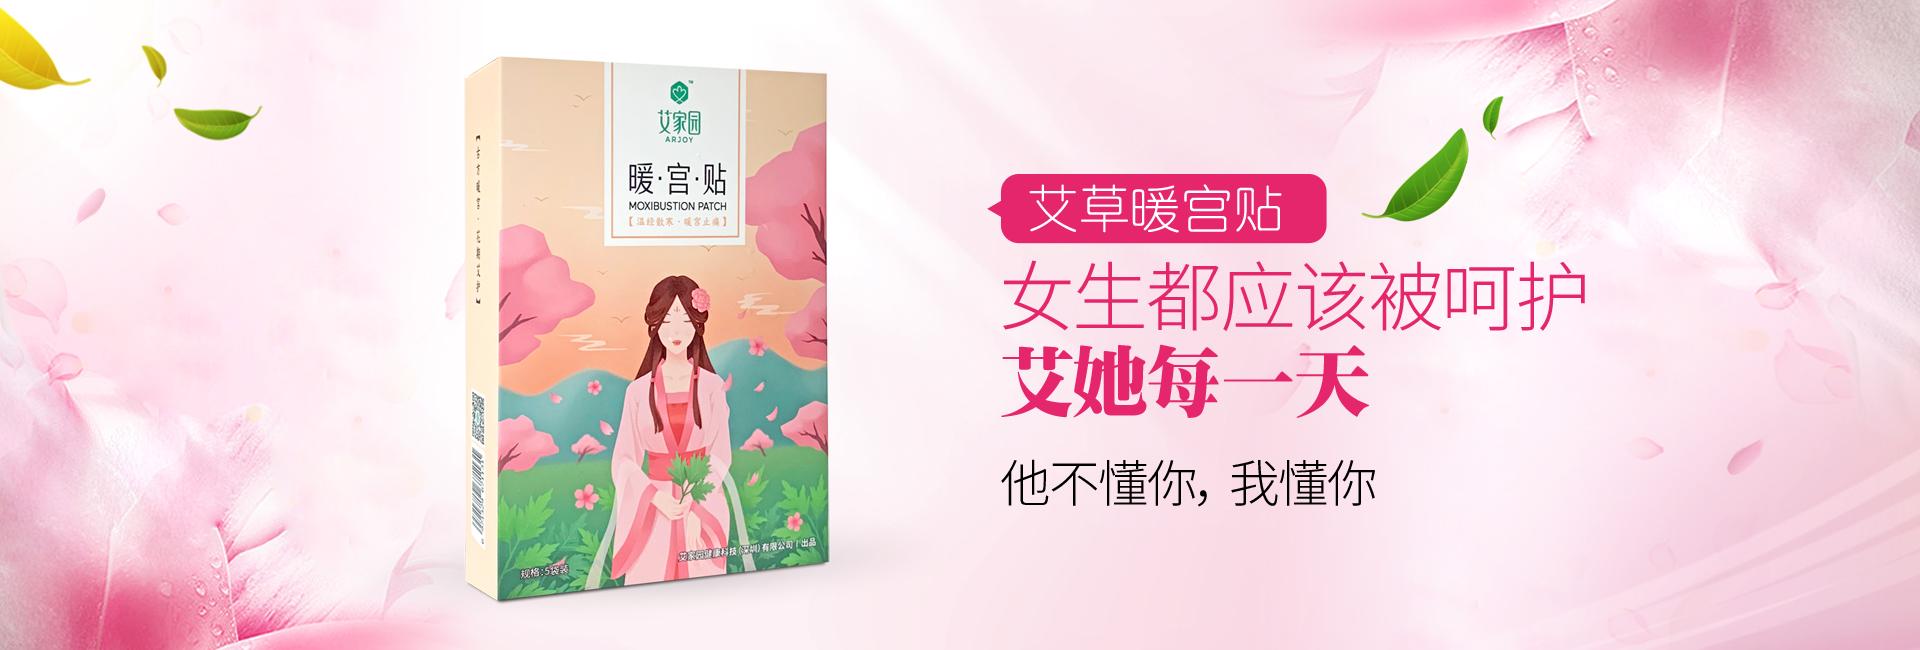 艾家园健康科技(深圳)有限公司-ShowList